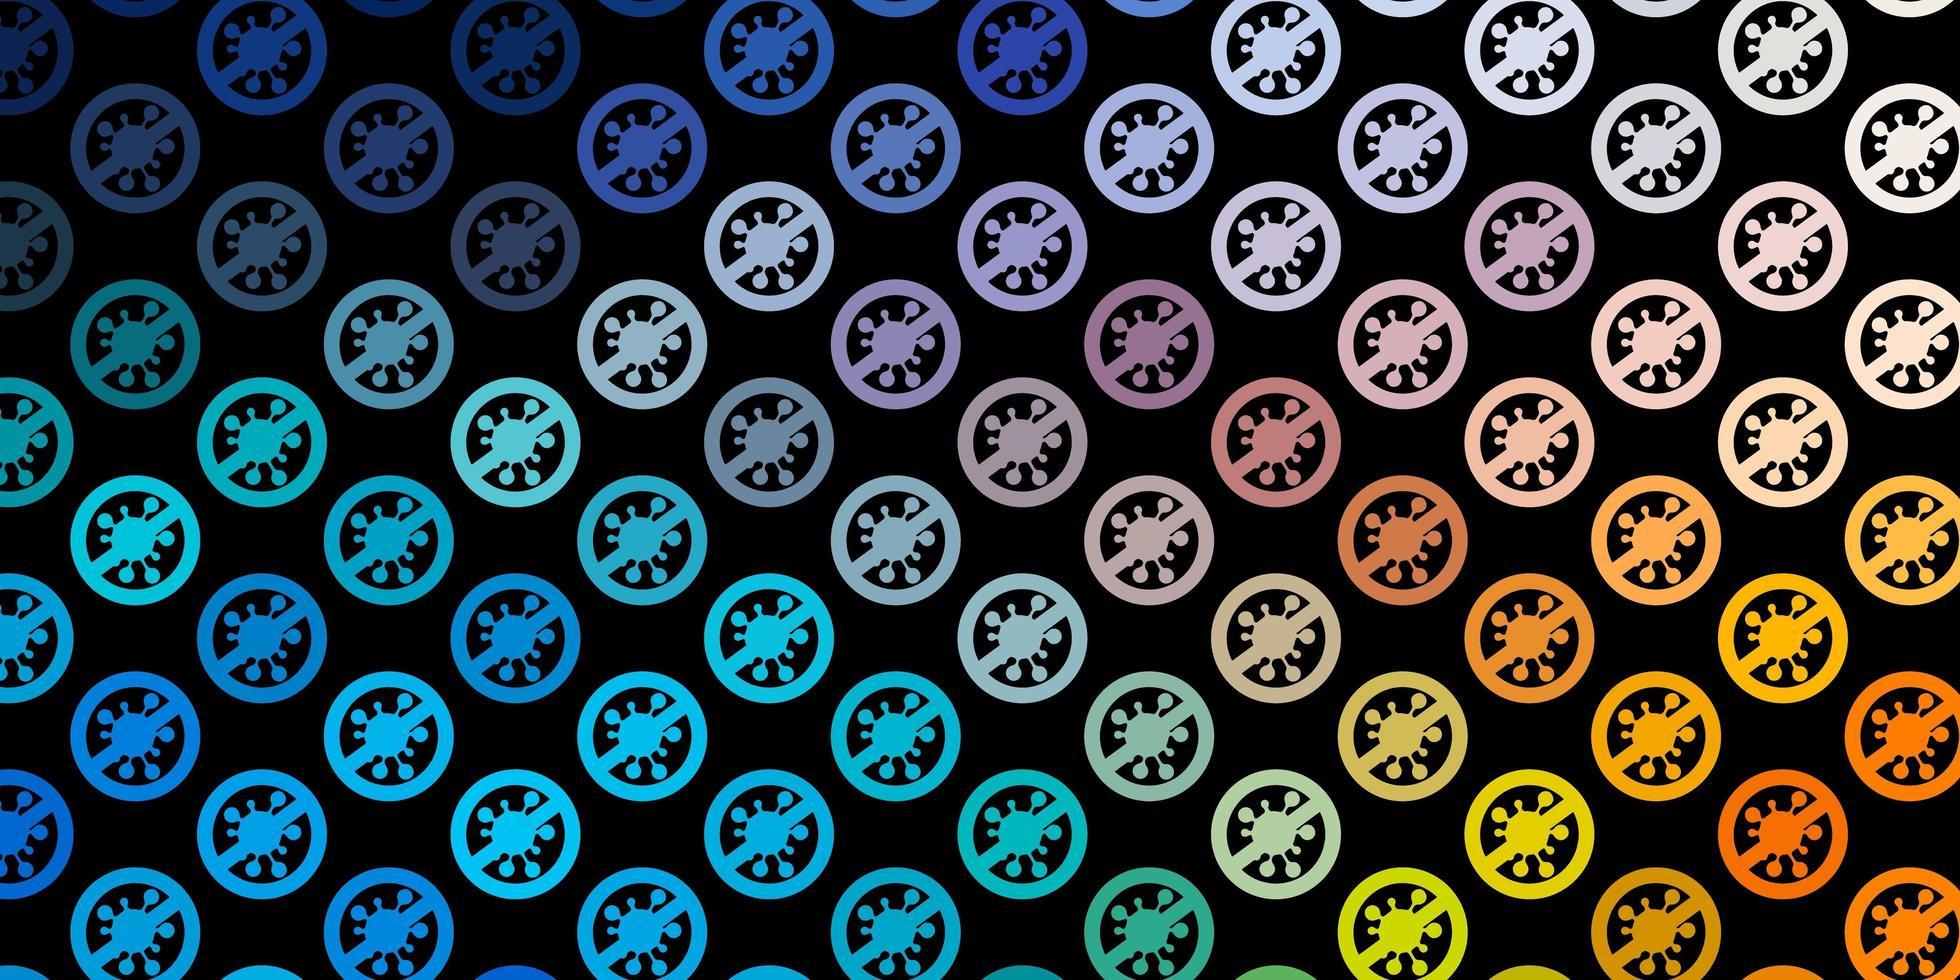 dunkelblauer, gelber Vektorhintergrund mit Virensymbolen. vektor